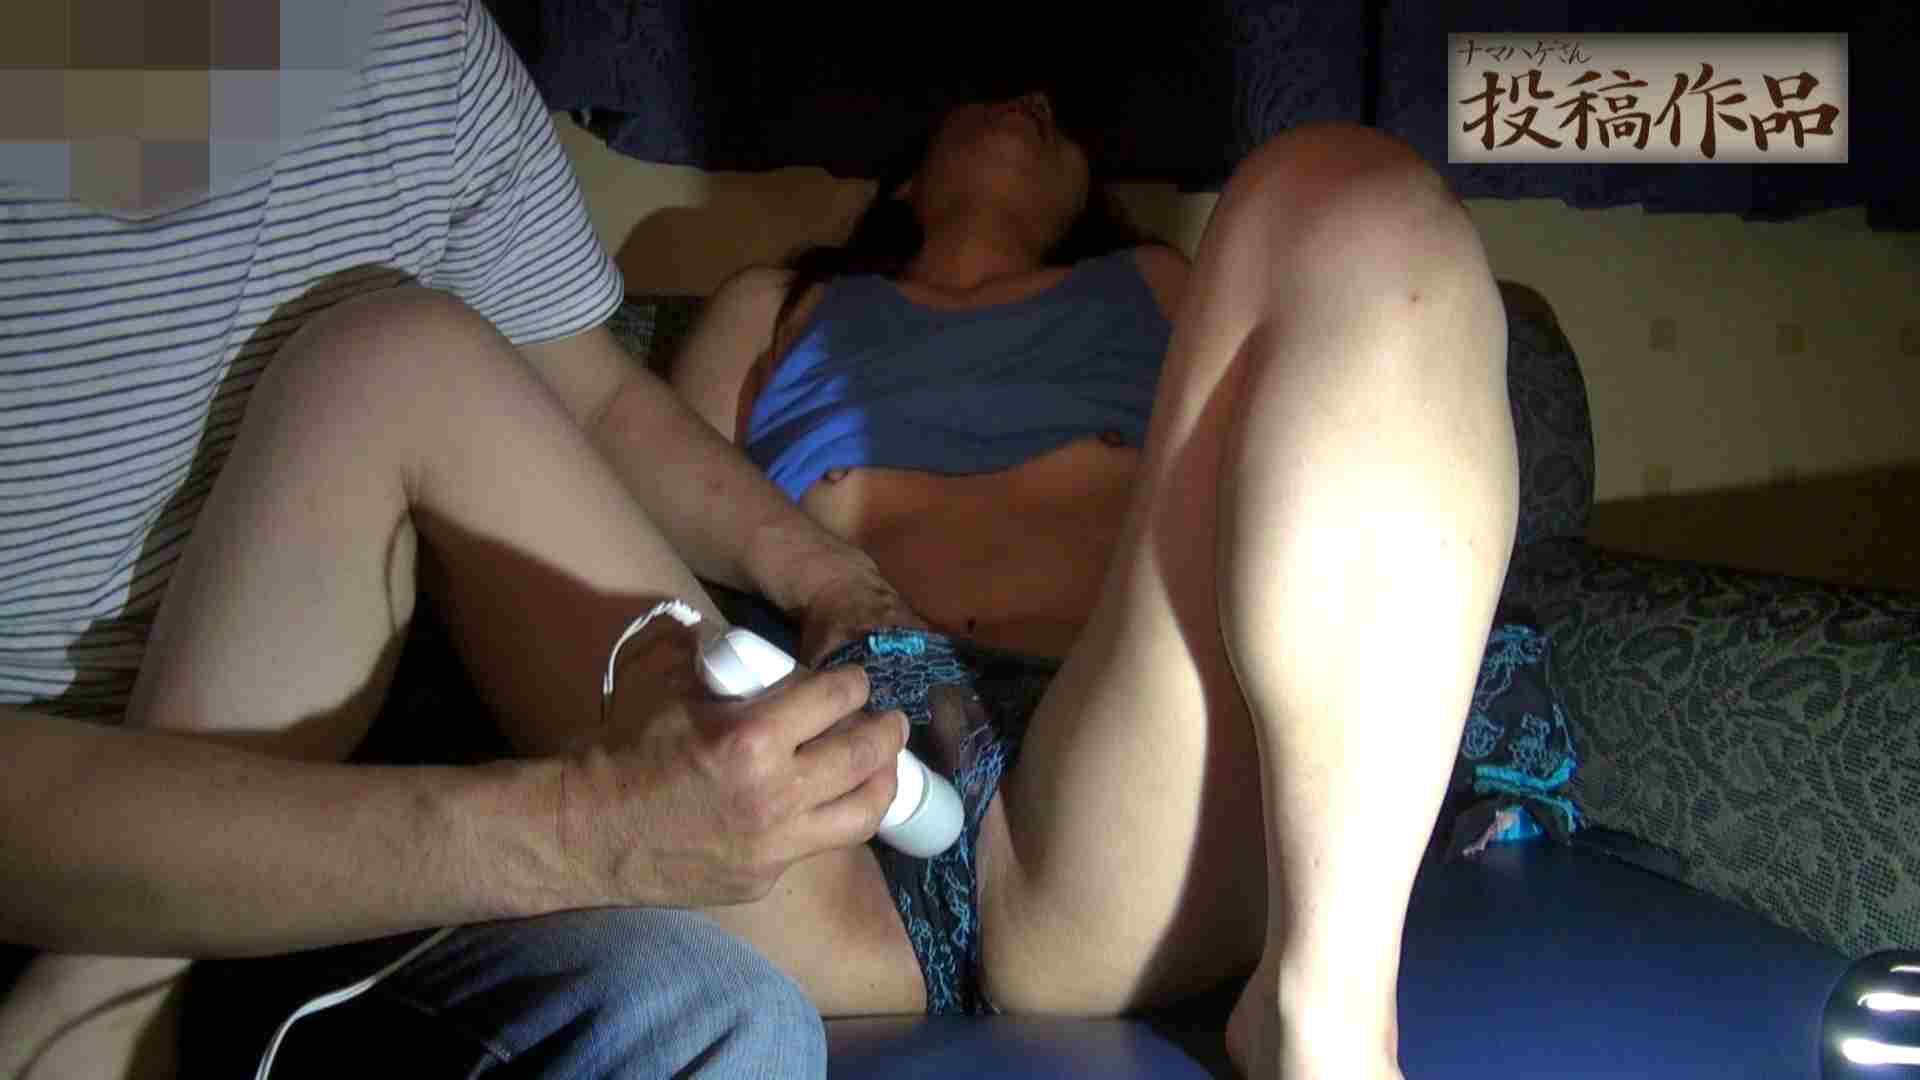 ナマハゲさんのまんこコレクション airi 一般投稿 セックス無修正動画無料 63pic 47